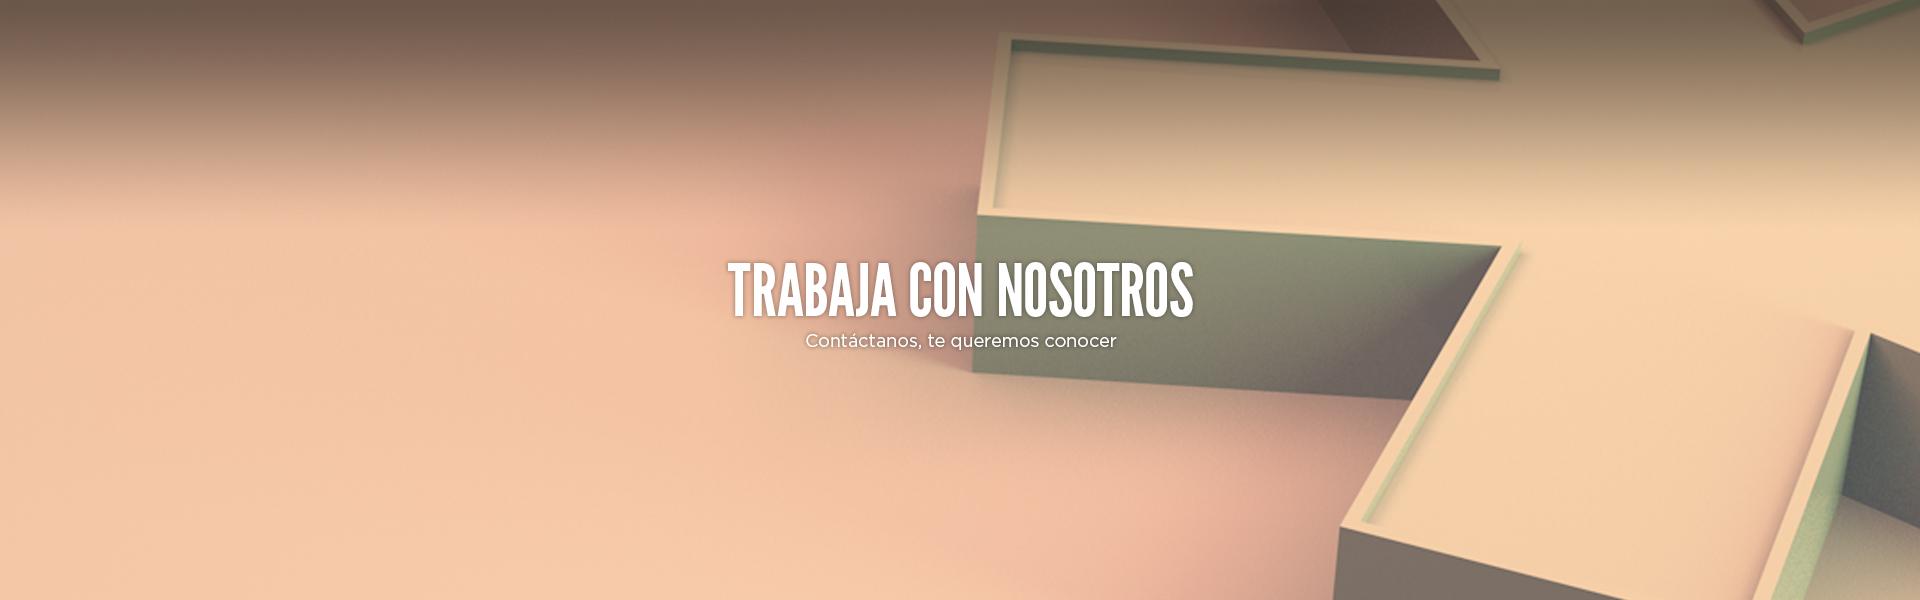 Atlántida Ediciones Multimedia